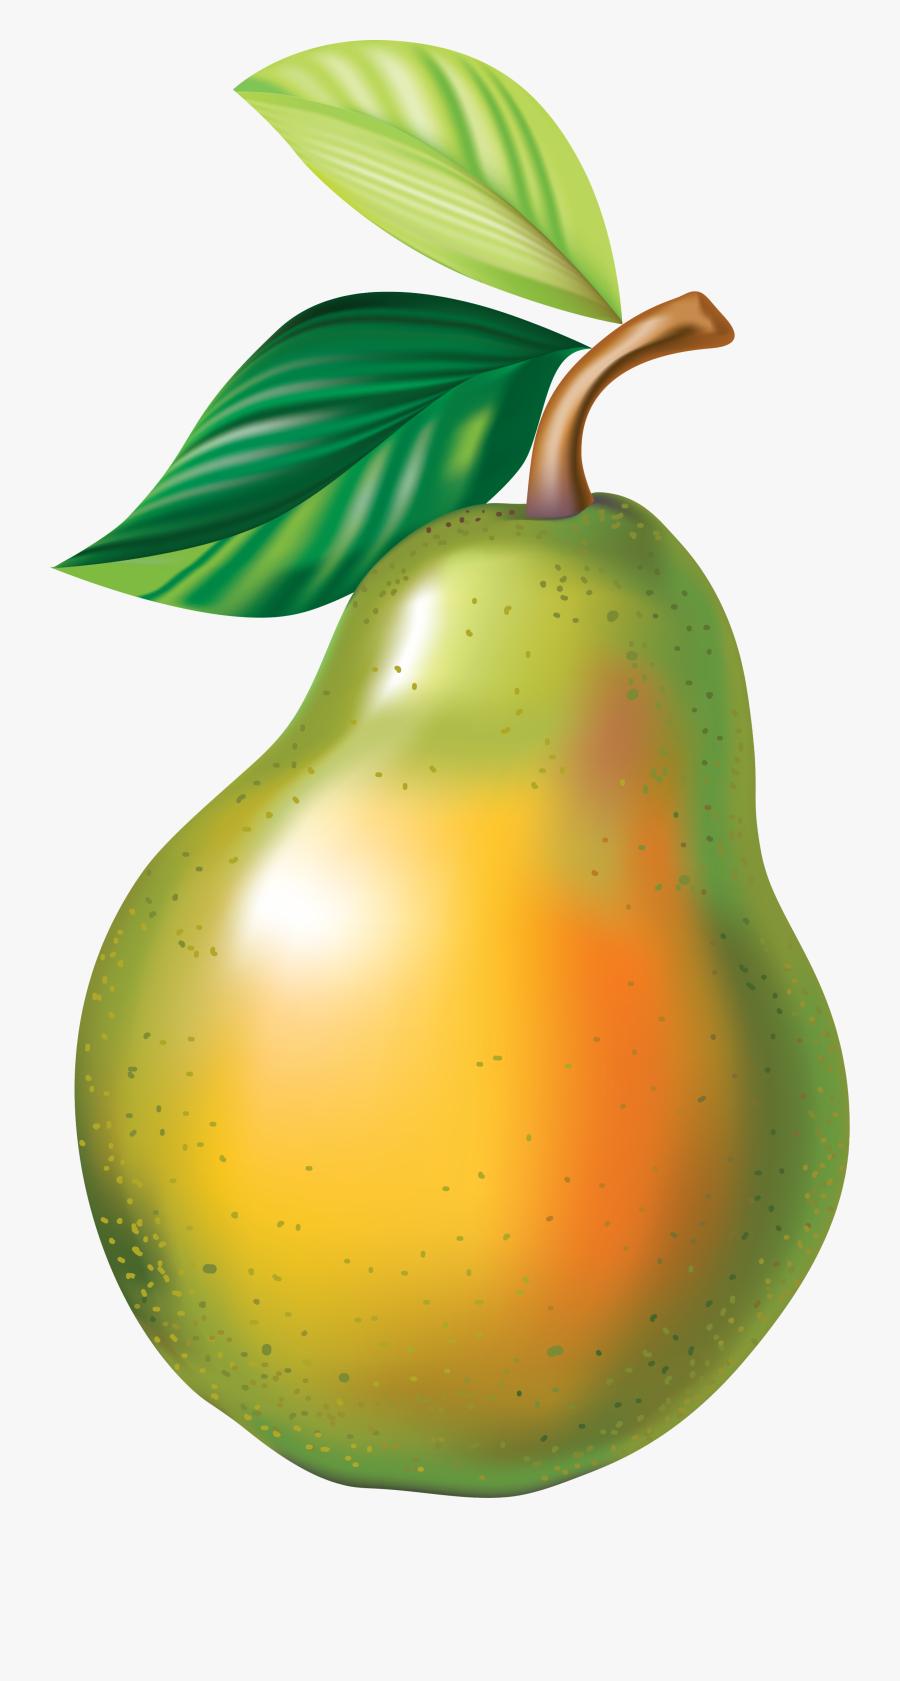 Clip Art Fruits Png, Transparent Clipart